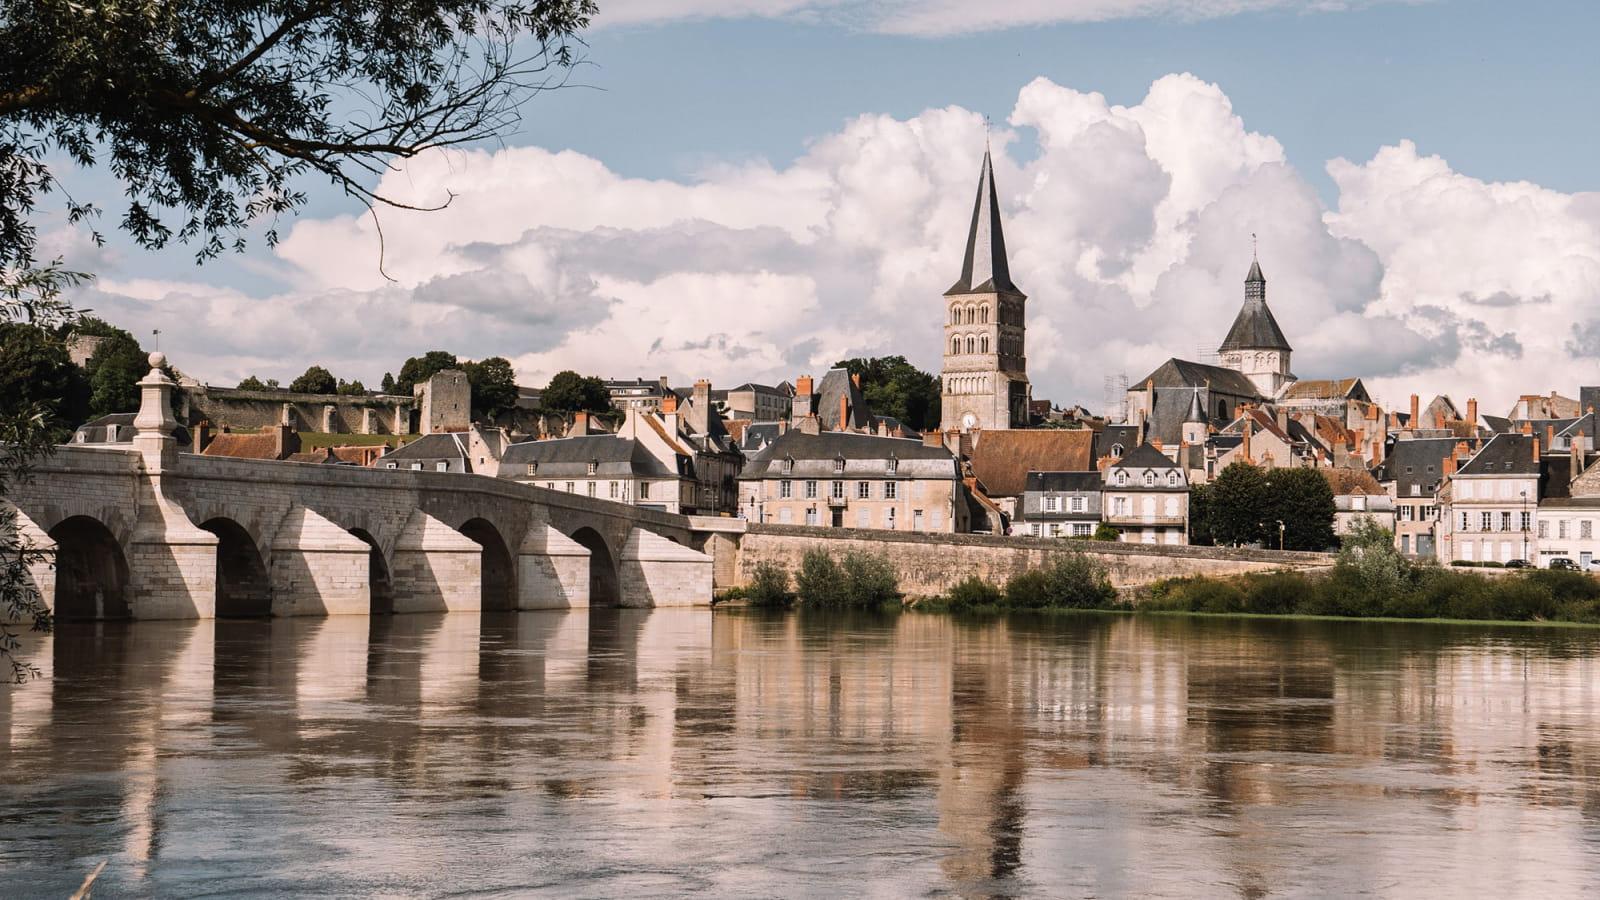 Regards sur le pont et la ville de la Charité-sur-Loire depuis les berges de Loire